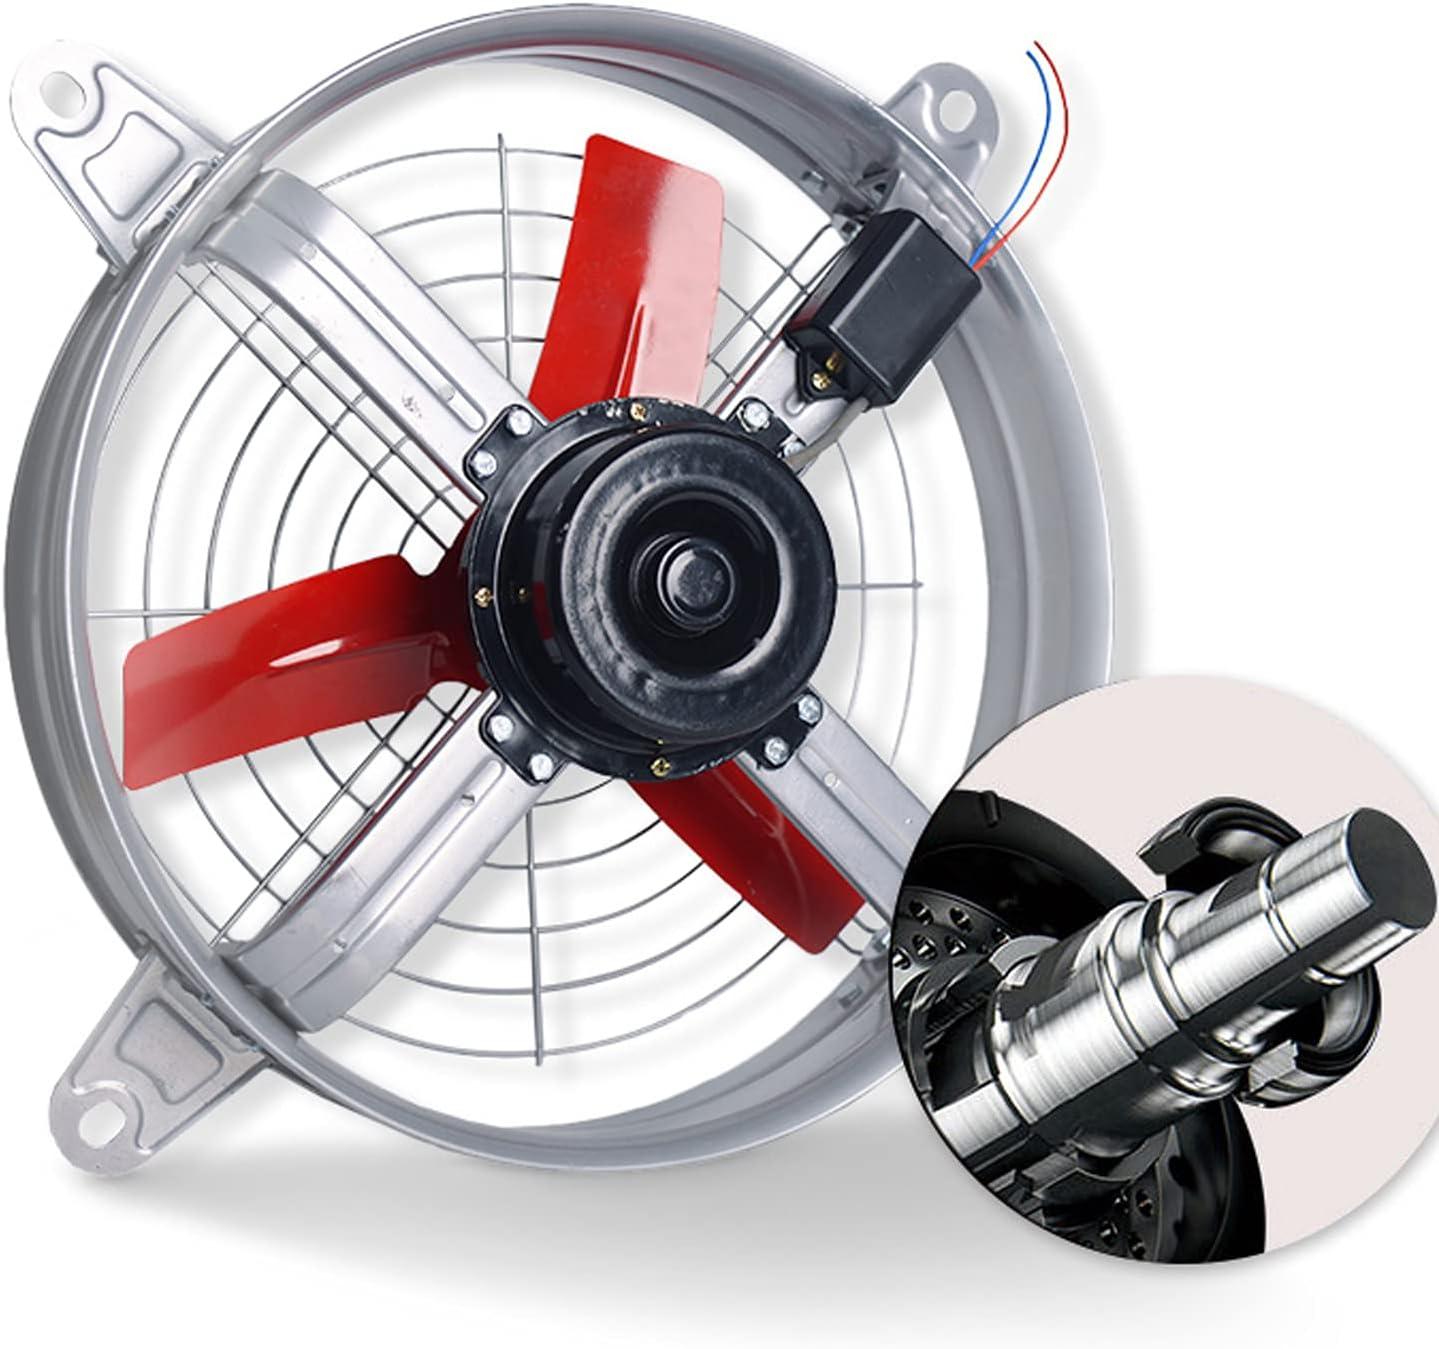 EWYI Ventilador Extractor, Ventilador De Extracción, Máquina De Humo, Potente Ventilador Conducto Circular Industrial Alta Potencia para Ventilación para Sitio Cría, Gall A-12inch